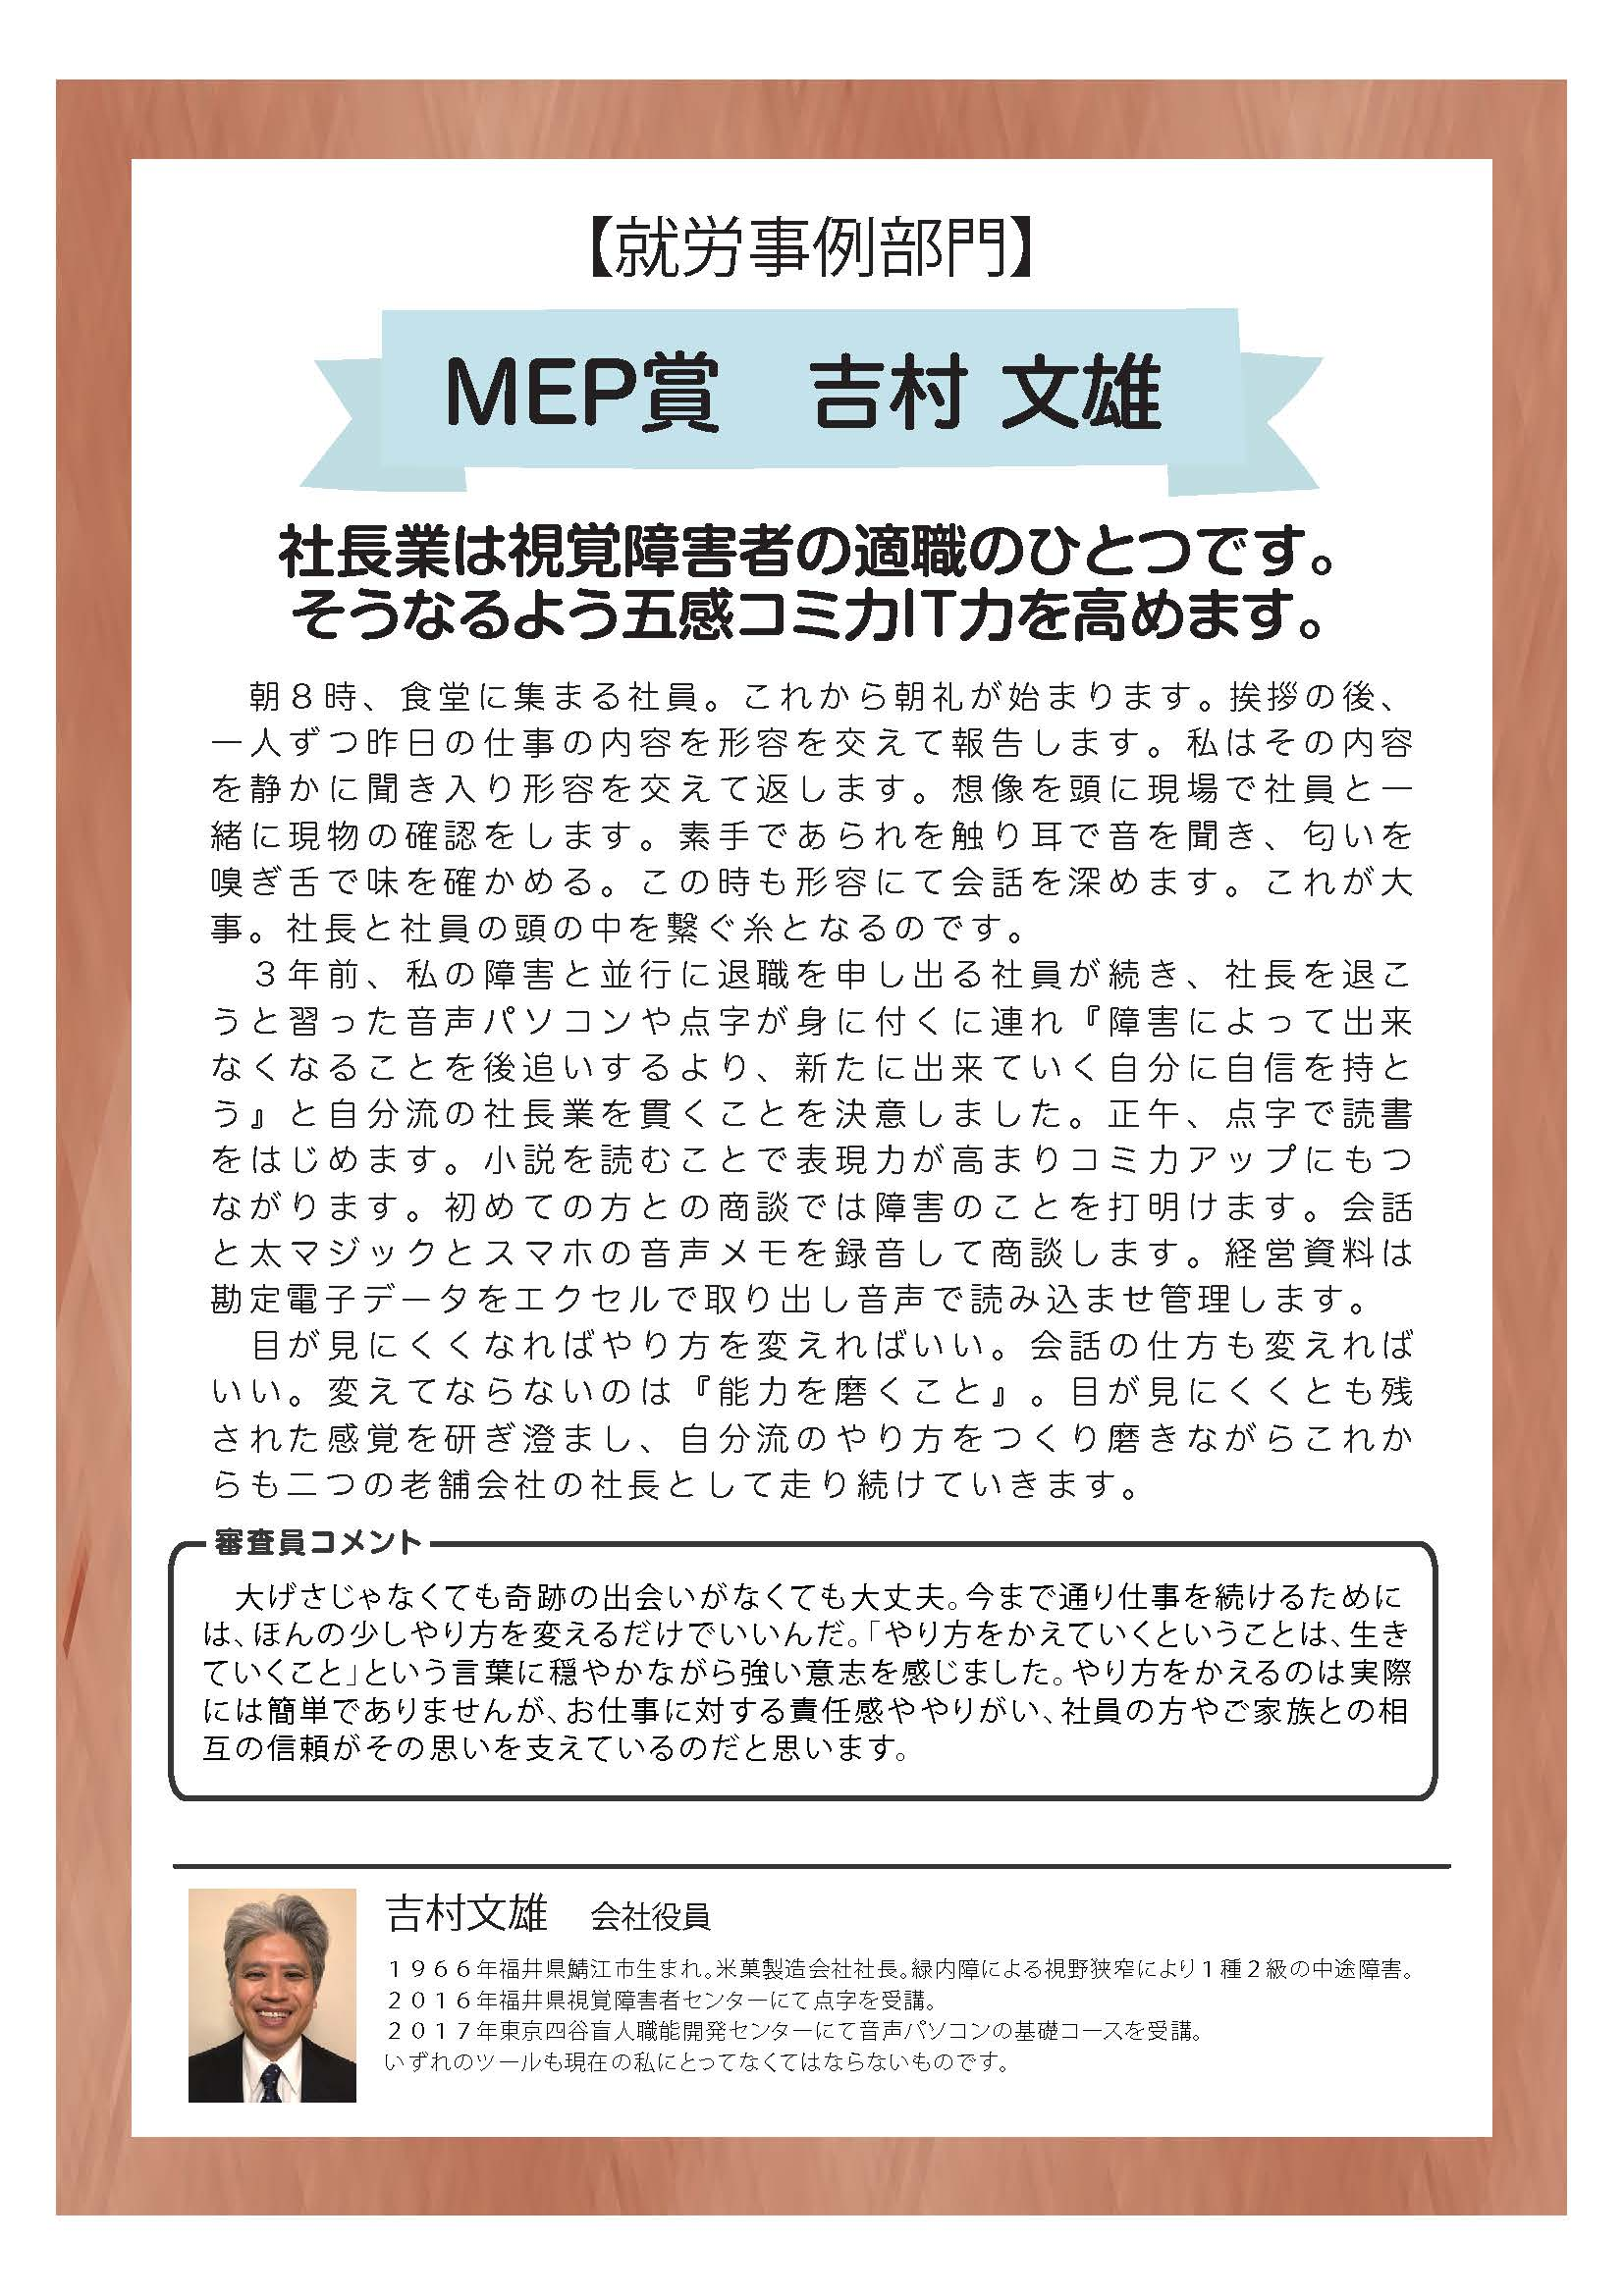 【就労事例部門】 MEP賞 吉村 文雄 社長業は視覚障害者の適職のひとつです。 そうなるよう五感コミ力IT力を高めます。  朝8時、食堂に集まる社員。これから朝礼が始まります。挨拶の後、一人ずつ昨日の仕事の内容を形容を交えて報告します。私はその内容を静かに聞き入り形容を交えて返します。想像を頭に現場で社員と一緒に現物の確認をします。素手であられを触り耳で音を聞き、匂いを嗅ぎ舌で味を確かめる。この時も形容にて会話を深めます。これが大 事。社長と社員の頭の中を繋ぐ糸となるのです。  3年前、私の障害と並行に退職を申し出る社員が続き、社長を退こうと習った音声パソコンや点字が身に付くに連れ『障害によって出来なくなることを後追いするより、新たに出来ていく自分に自信を持とう』と自分流の社長業を貫くことを決意しました。正午、点字で読書をはじめます。小説を読むことで表現力が高まりコミ力アップにもつながります。初めての方との商談では障害のことを打明けます。会話と太マジックとスマホの音声メモを録音して商談します。経営資料は勘定電子データをエクセルで取り出し音声で読み込ませ管理します。  目が見にくくなればやり方を変えればいい。会話の仕方も変えればいい。変えてならないのは『能力を磨くこと』。目が見にくくとも残された感覚を研ぎ澄まし、自分流のやり方をつくり磨きながらこれからも二つの老舗会社の社長として走り続けていきます。  審査員コメント 大げさじゃなくても奇跡の出会いがなくても大丈夫。今まで通り仕事を続けるためには、ほんの少しやり方を変えるだけでいいんだ。「やり方をかえていくということは、生きていくこと」という言葉に穏やかながら強い意志を感じました。やり方をかえるのは実際には簡単でありませんが、お仕事に対する責任感ややりがい、社員の方やご家族との相互の信頼がその思いを支えているのだと思います。  吉村文雄 会社役員 1966年福井県鯖江市生まれ。米菓製造会社社長。緑内障による視野狭窄により1種2級の中途障害。 2016年福井県視覚障害者センターにて点字を受講。 2017年東京四谷盲人職能開発センターにて音声パソコンの基礎コースを受講。 いずれのツールも現在の私にとってなくてはならないものです。